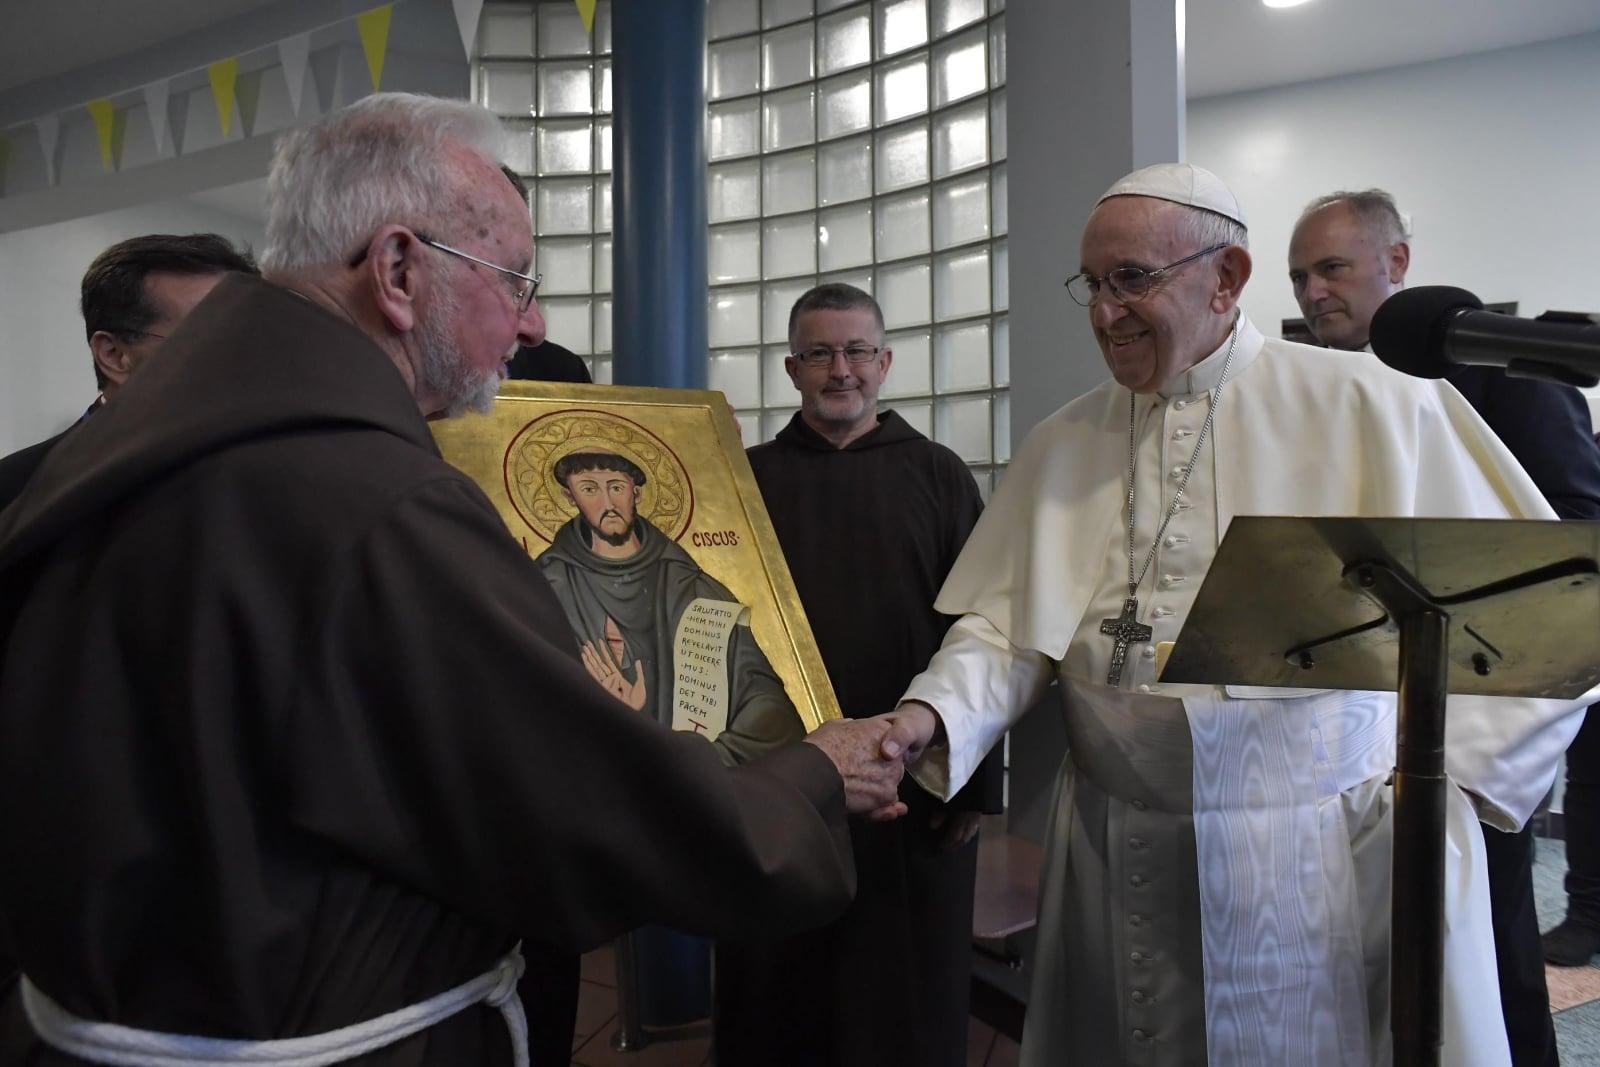 Pielgrzymka papieża Franciszka do Irlandii EPA/VATICAN MEDIA